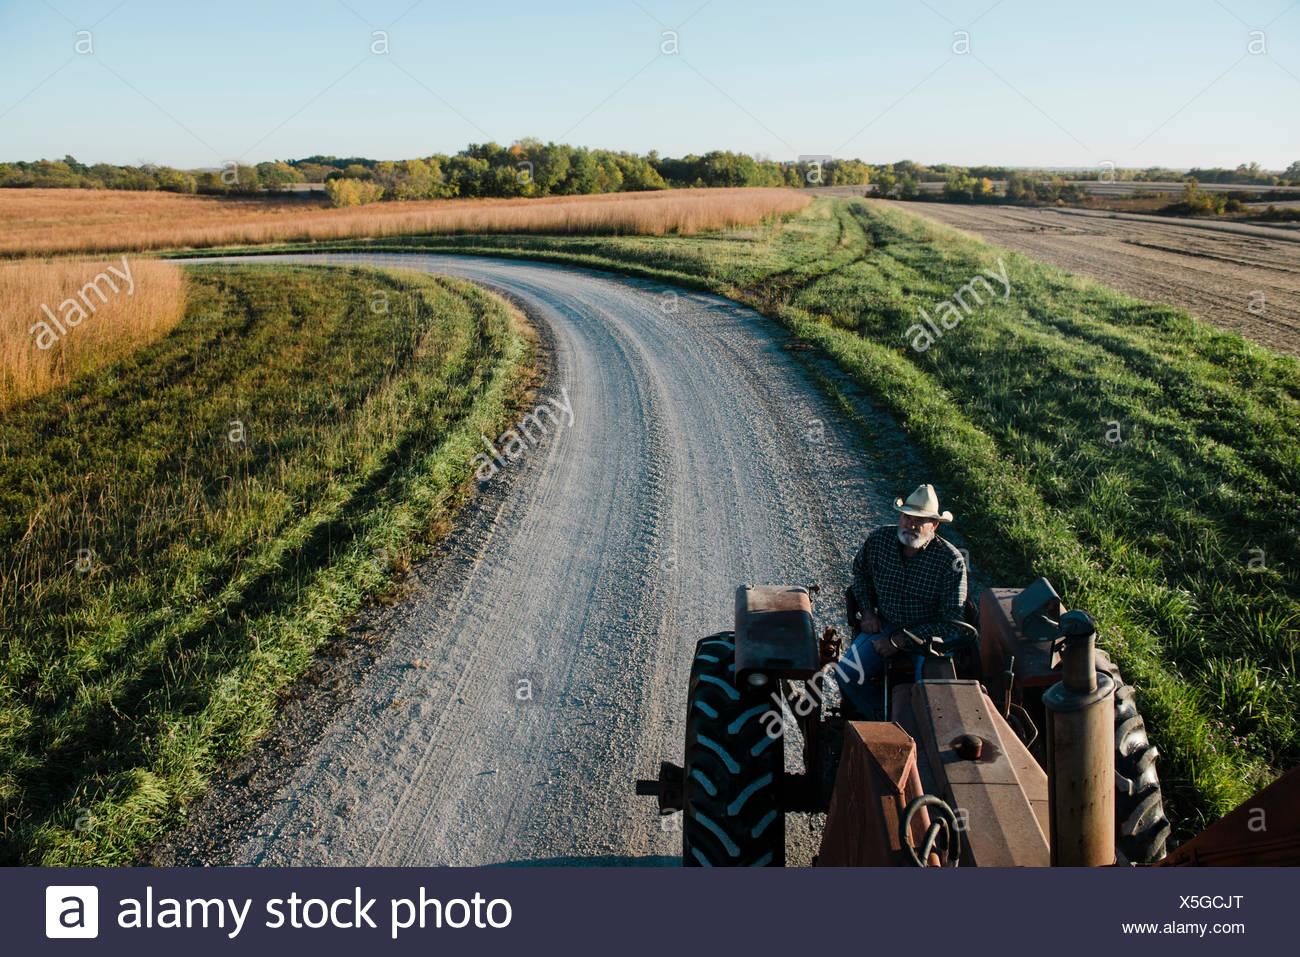 Un alto ángulo de visualización de altos agricultor conducción del tractor en carreteras rurales, Plattsburg, Missouri, EE.UU. Imagen De Stock